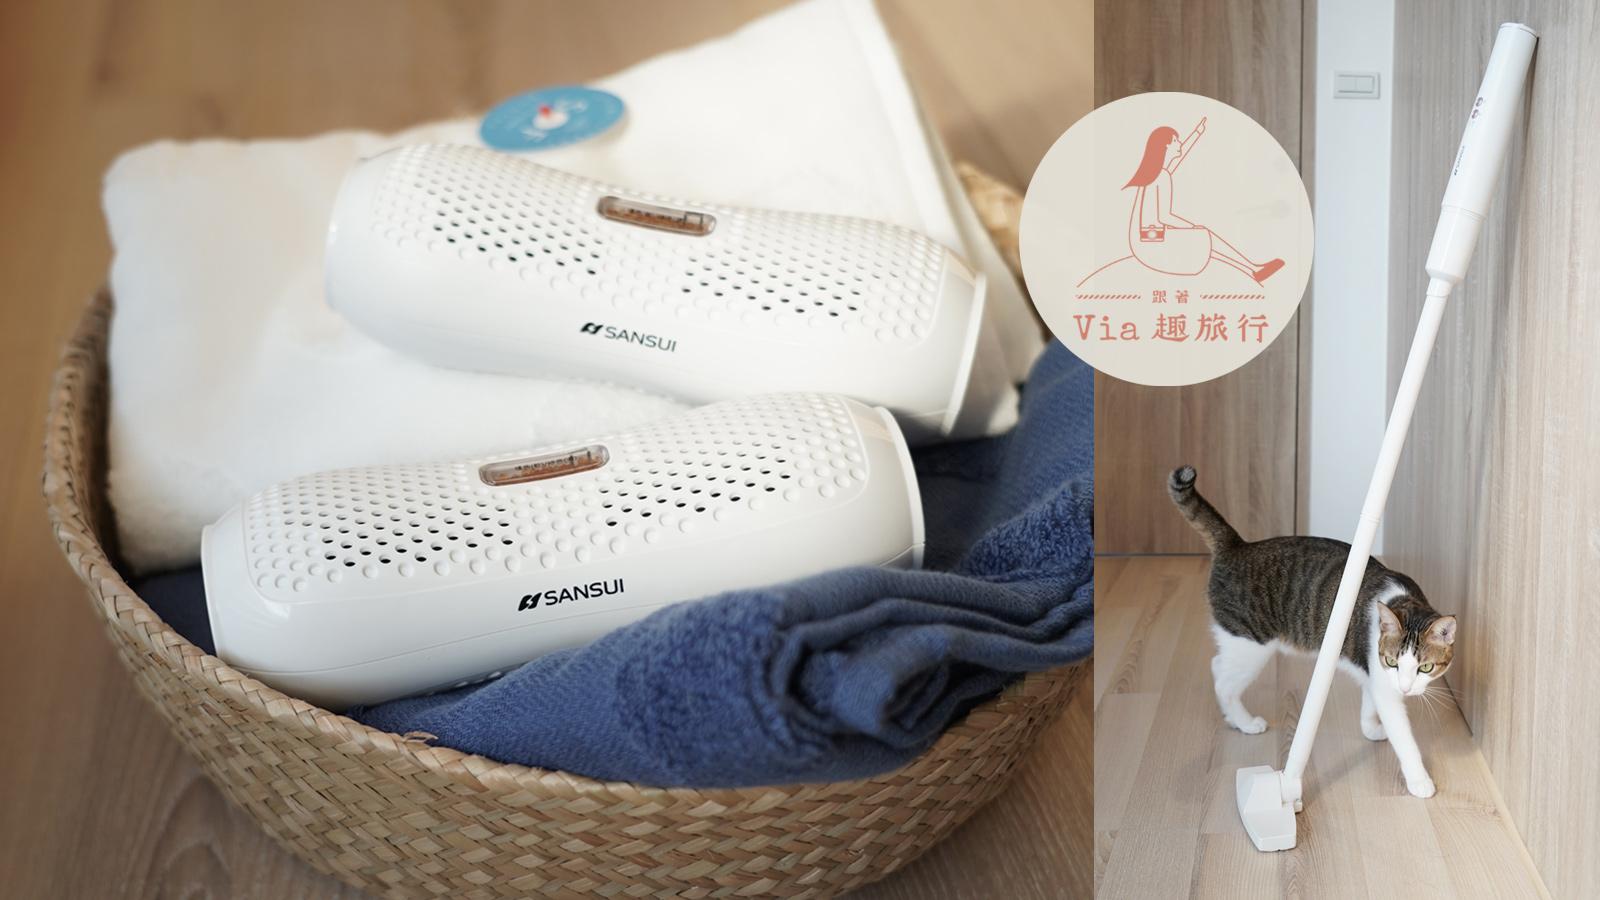 日本山水》山水家居團~輕淨吸無線吸塵器+小綠能除濕器報到! @Via's旅行札記-旅遊美食部落格